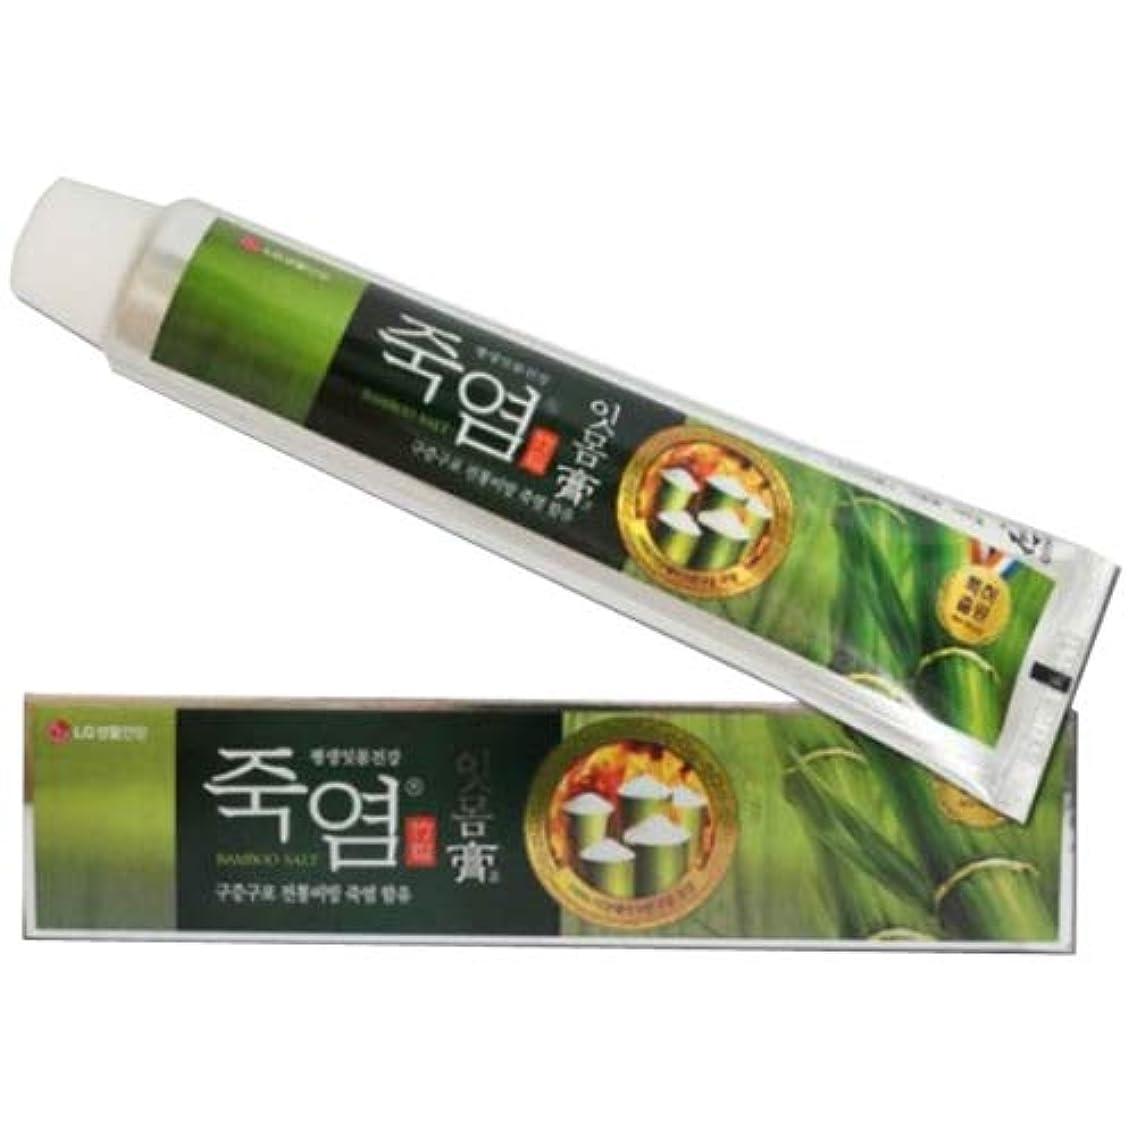 地獄十分ですステーキ[LG Care/LG生活健康]竹塩歯磨き粉つぶれて歯茎を健康に120g x1EA 歯磨きセットスペシャル?リミテッドToothpaste Set Special Limited Korea